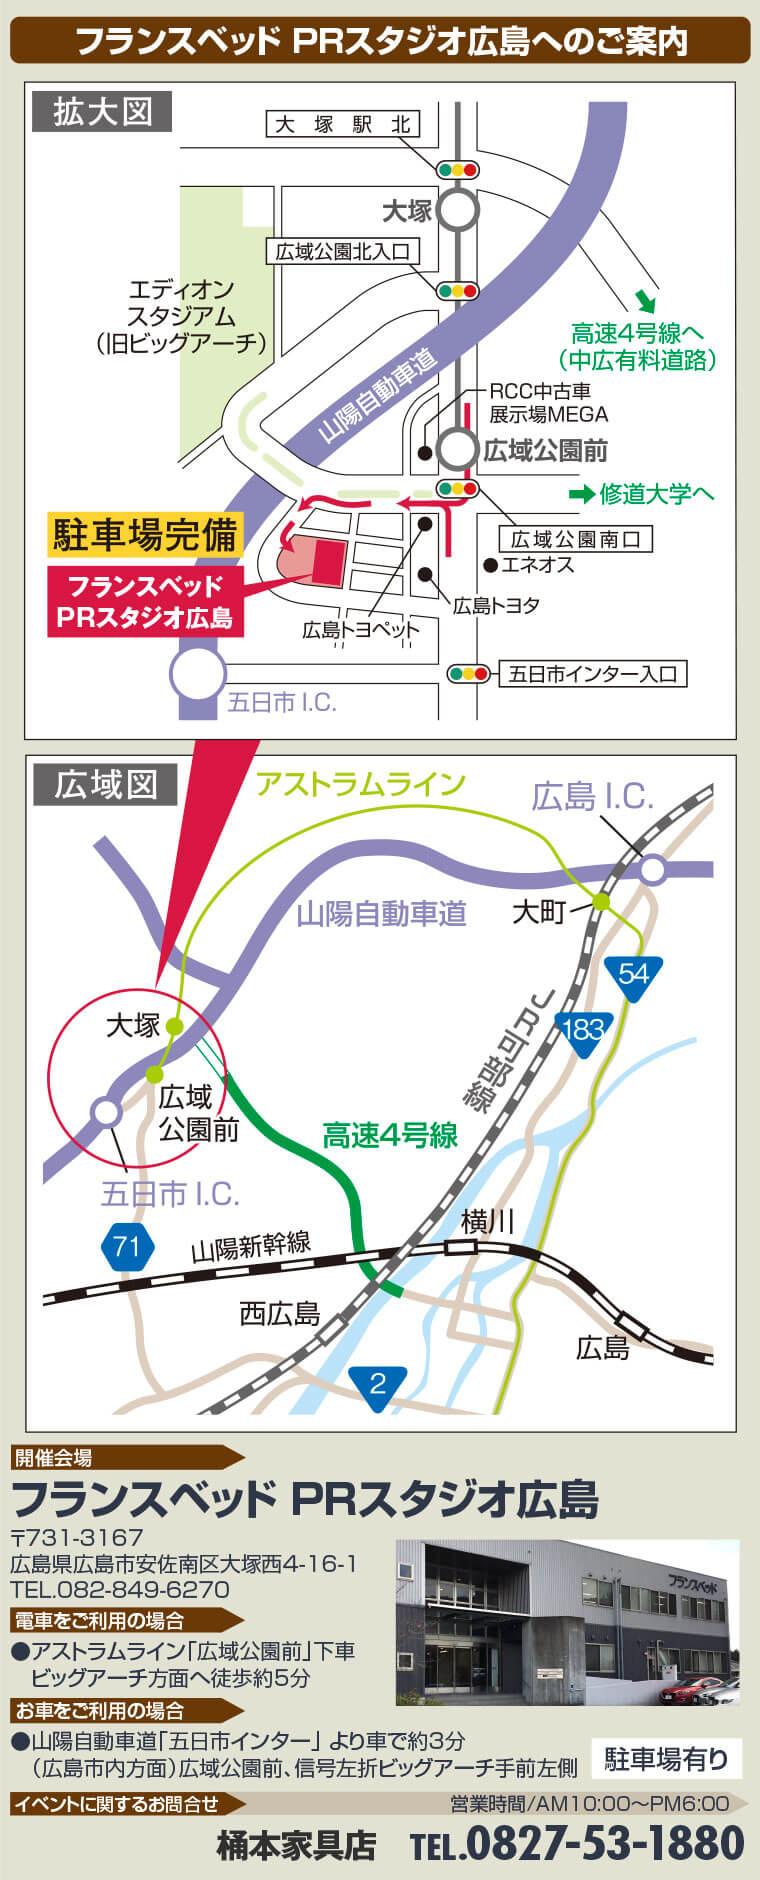 フランスベッド PRスタジオ広島へのアクセス